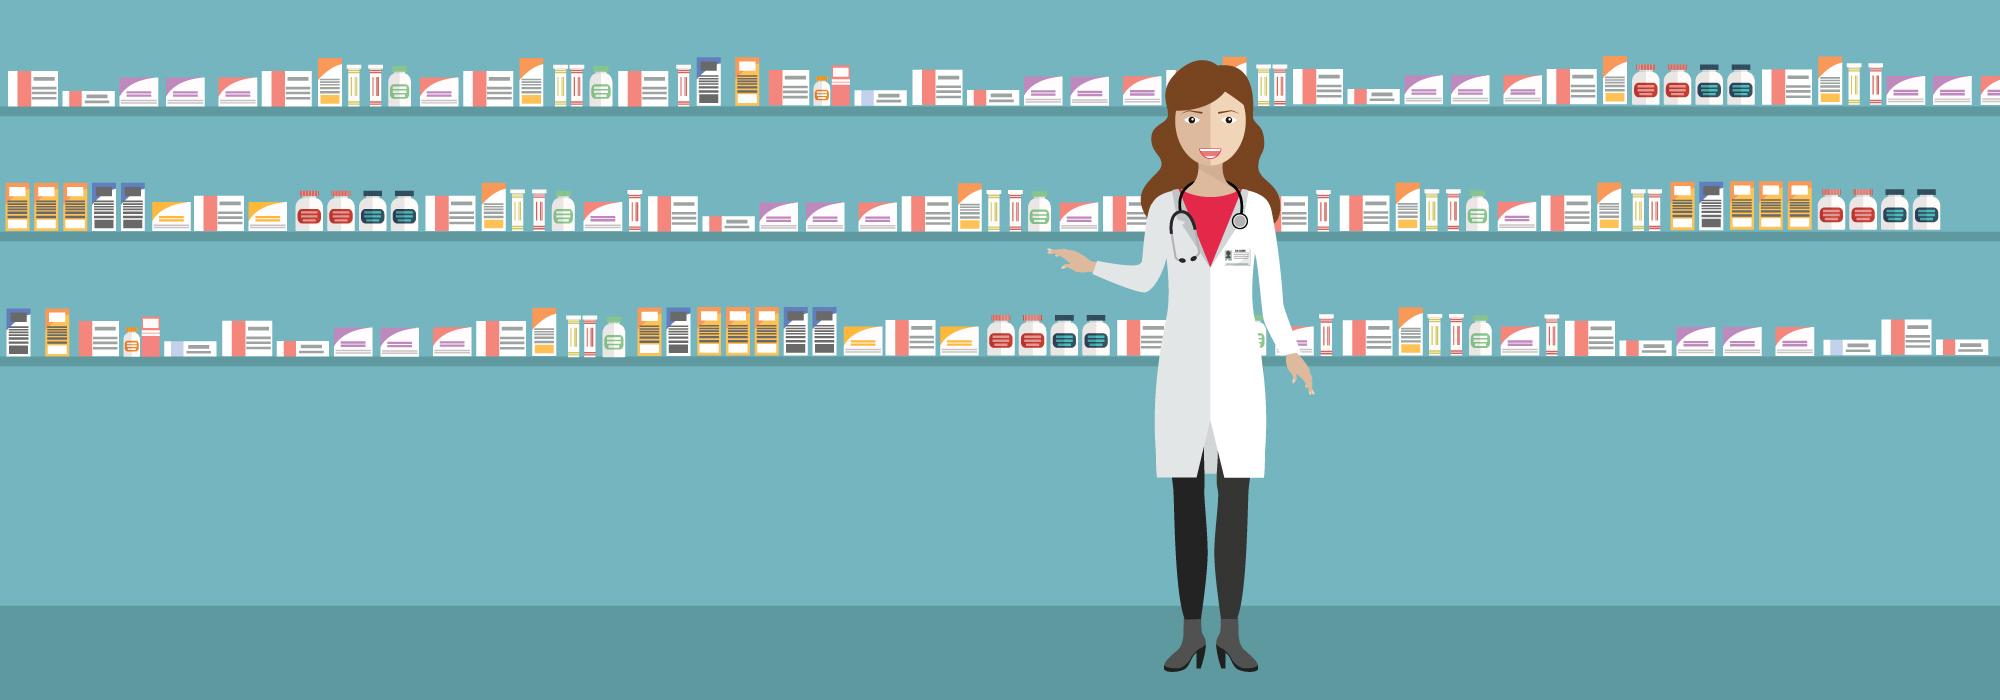 New Inn Pharmacy Medicines